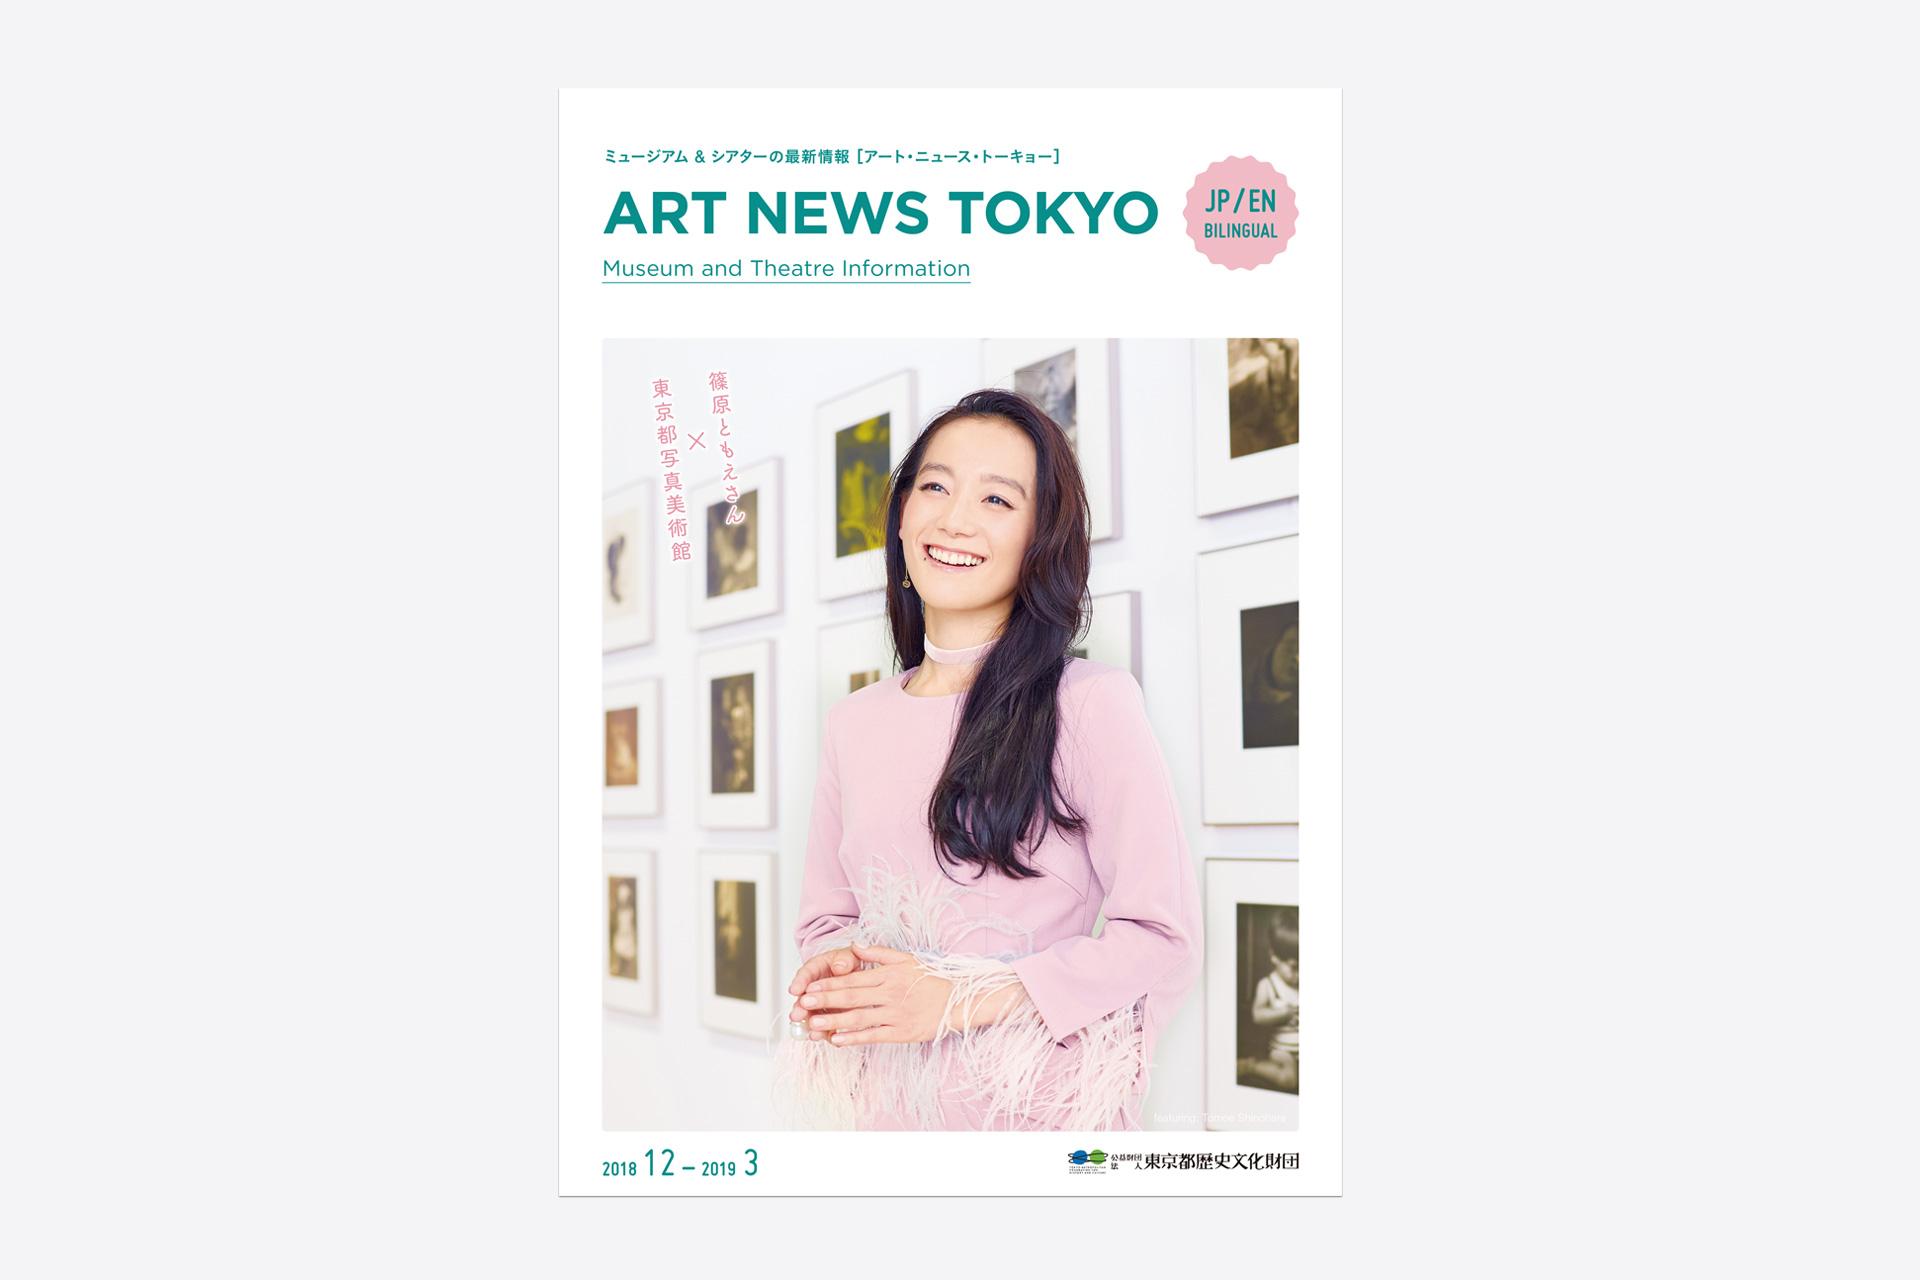 ART NEWS TOKYO 2018 12-2019 03